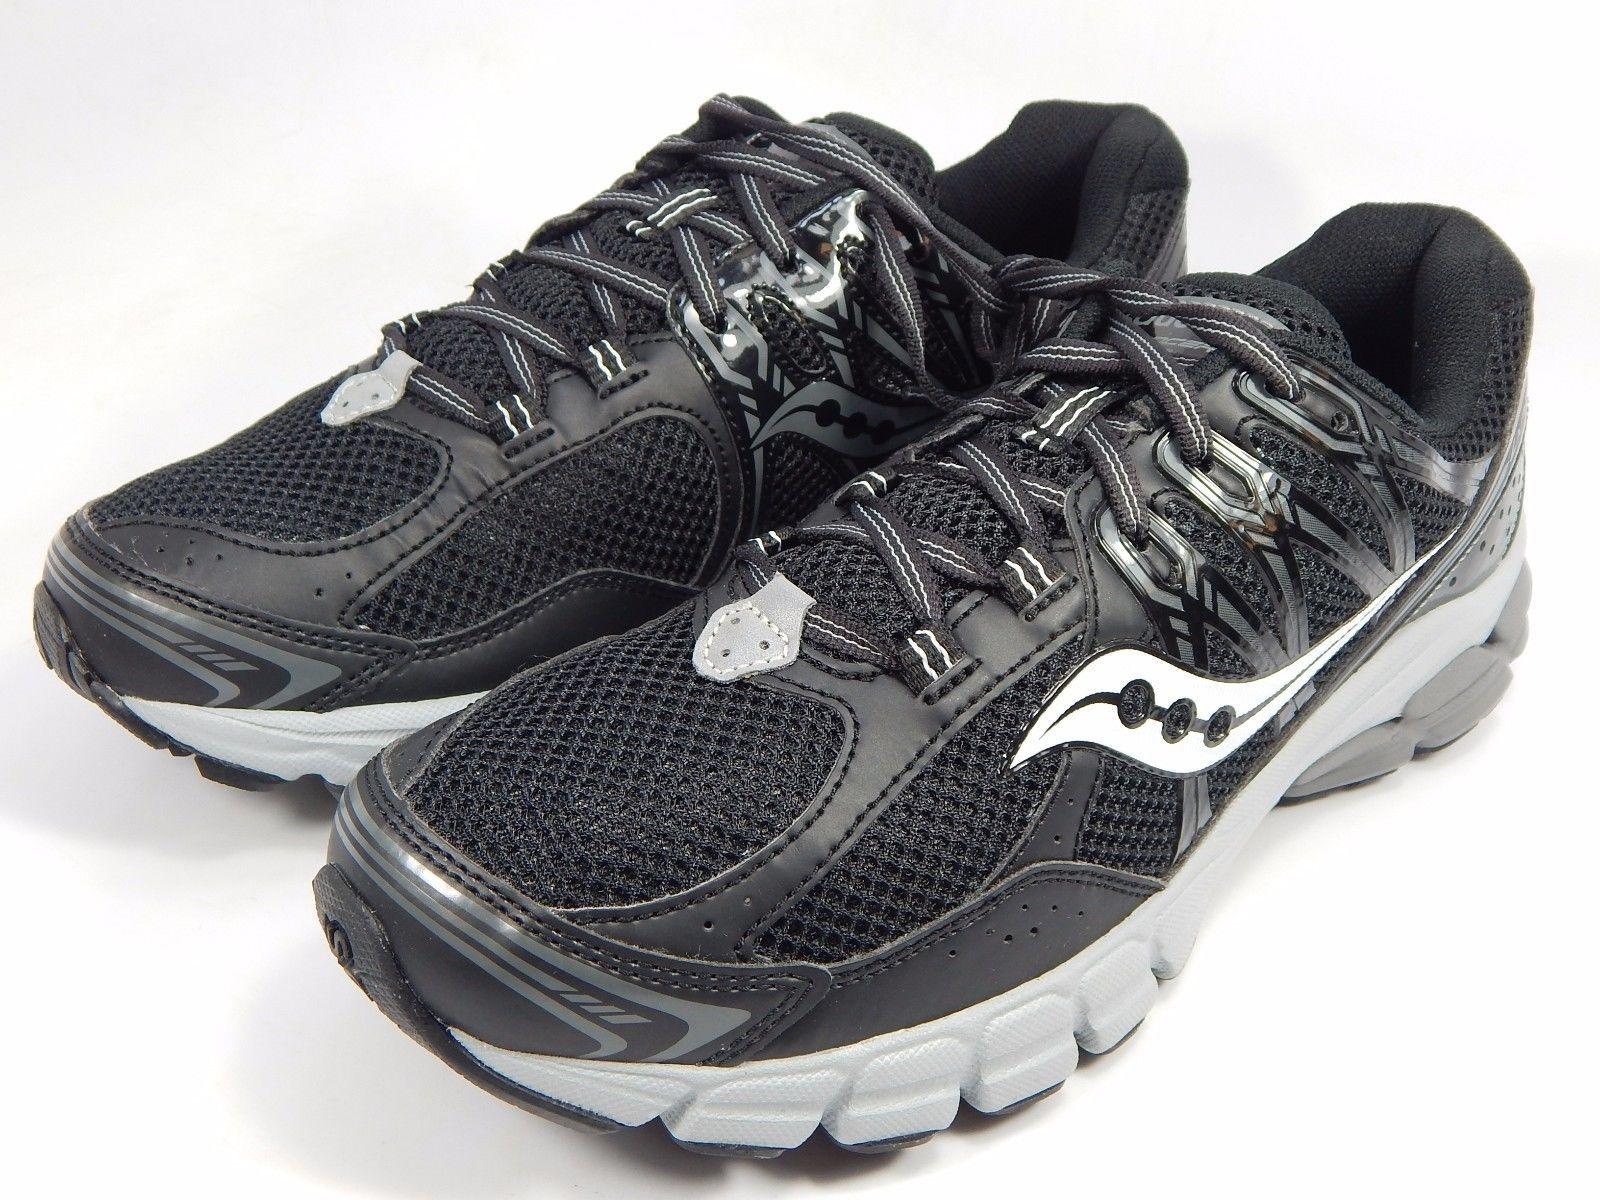 Saucony Lancer 2 Men's Running Shoes Size US 9 M (D) EU 42.5 Black Gray S25264-5